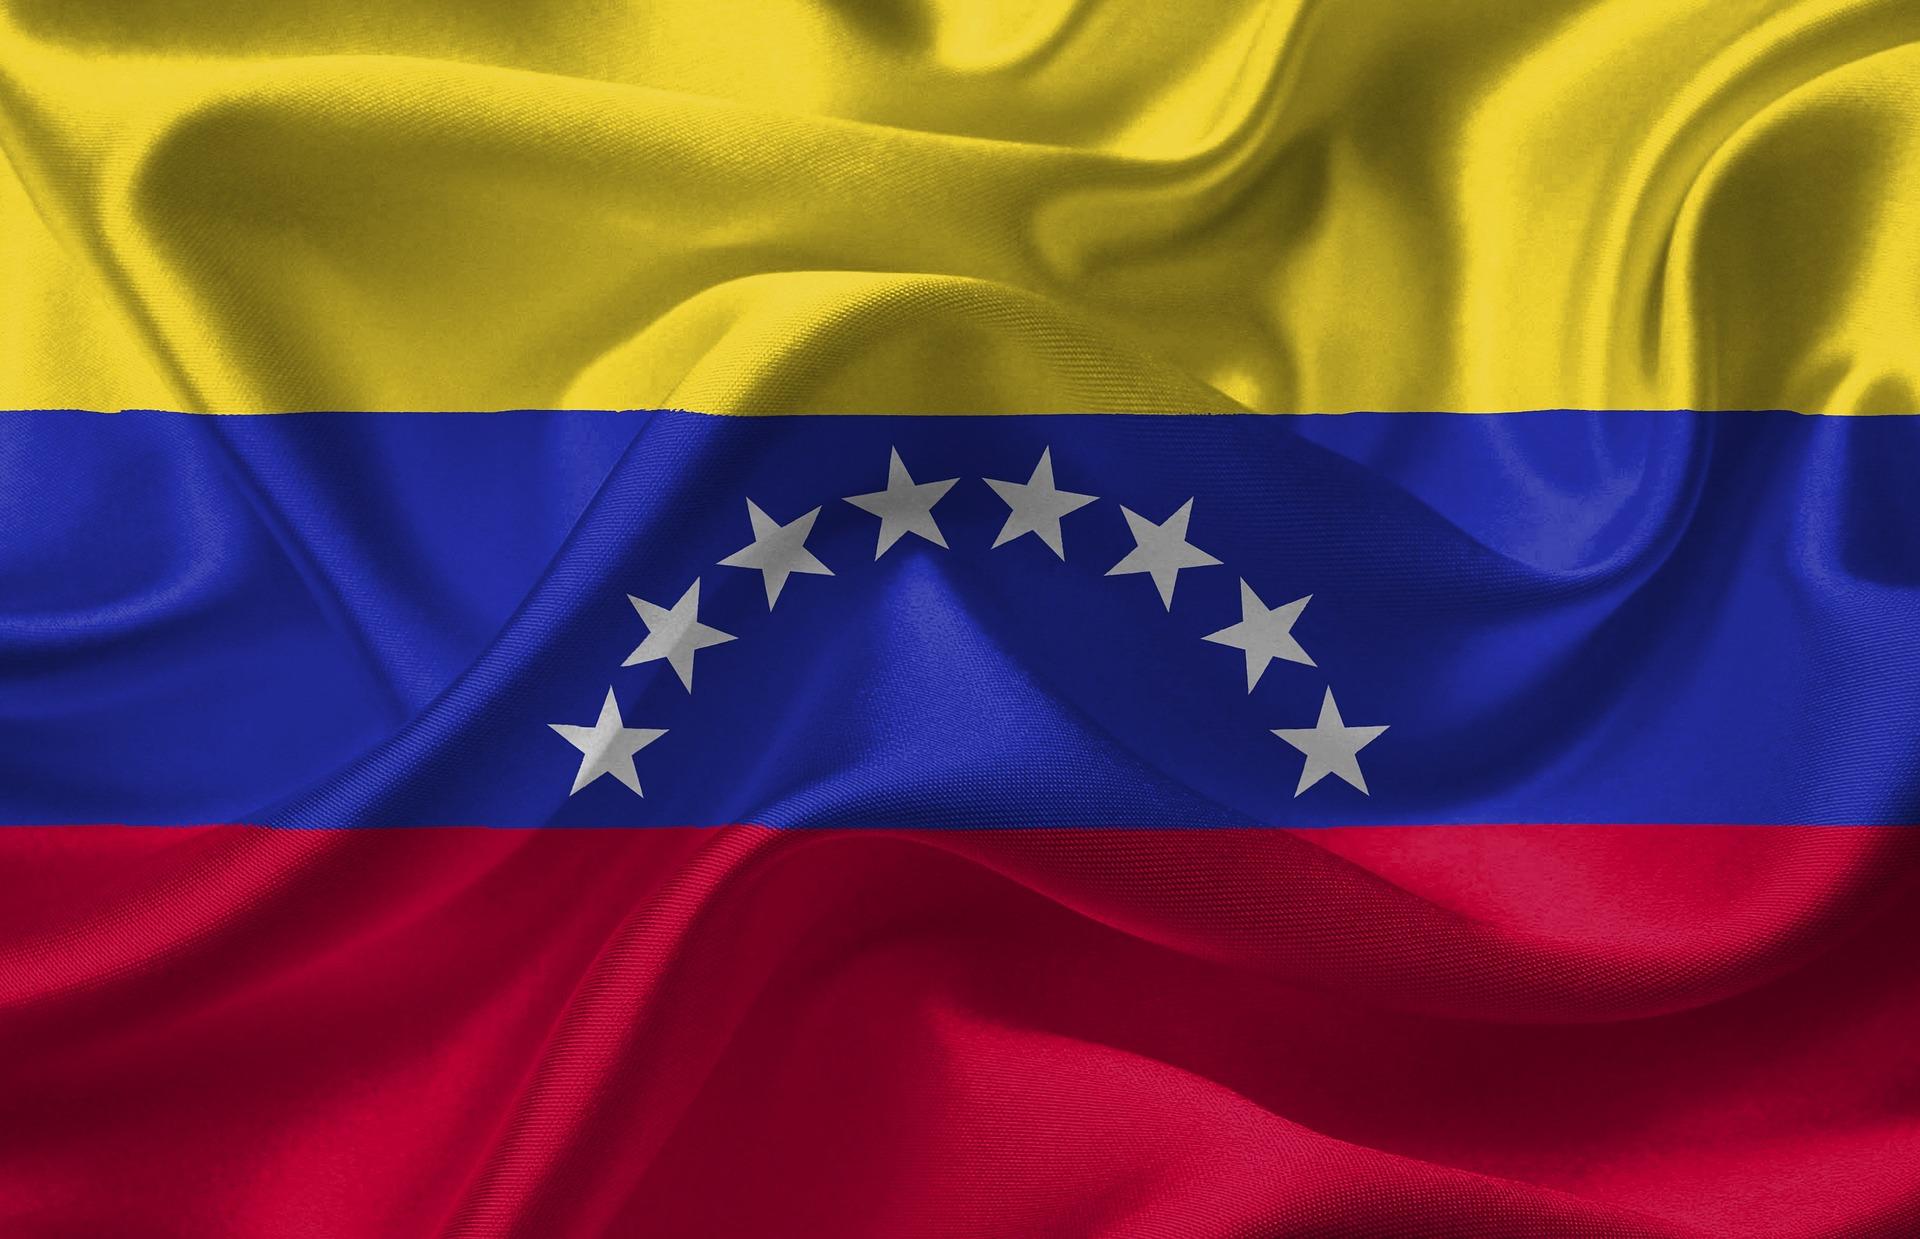 venezuela-1460595_1920